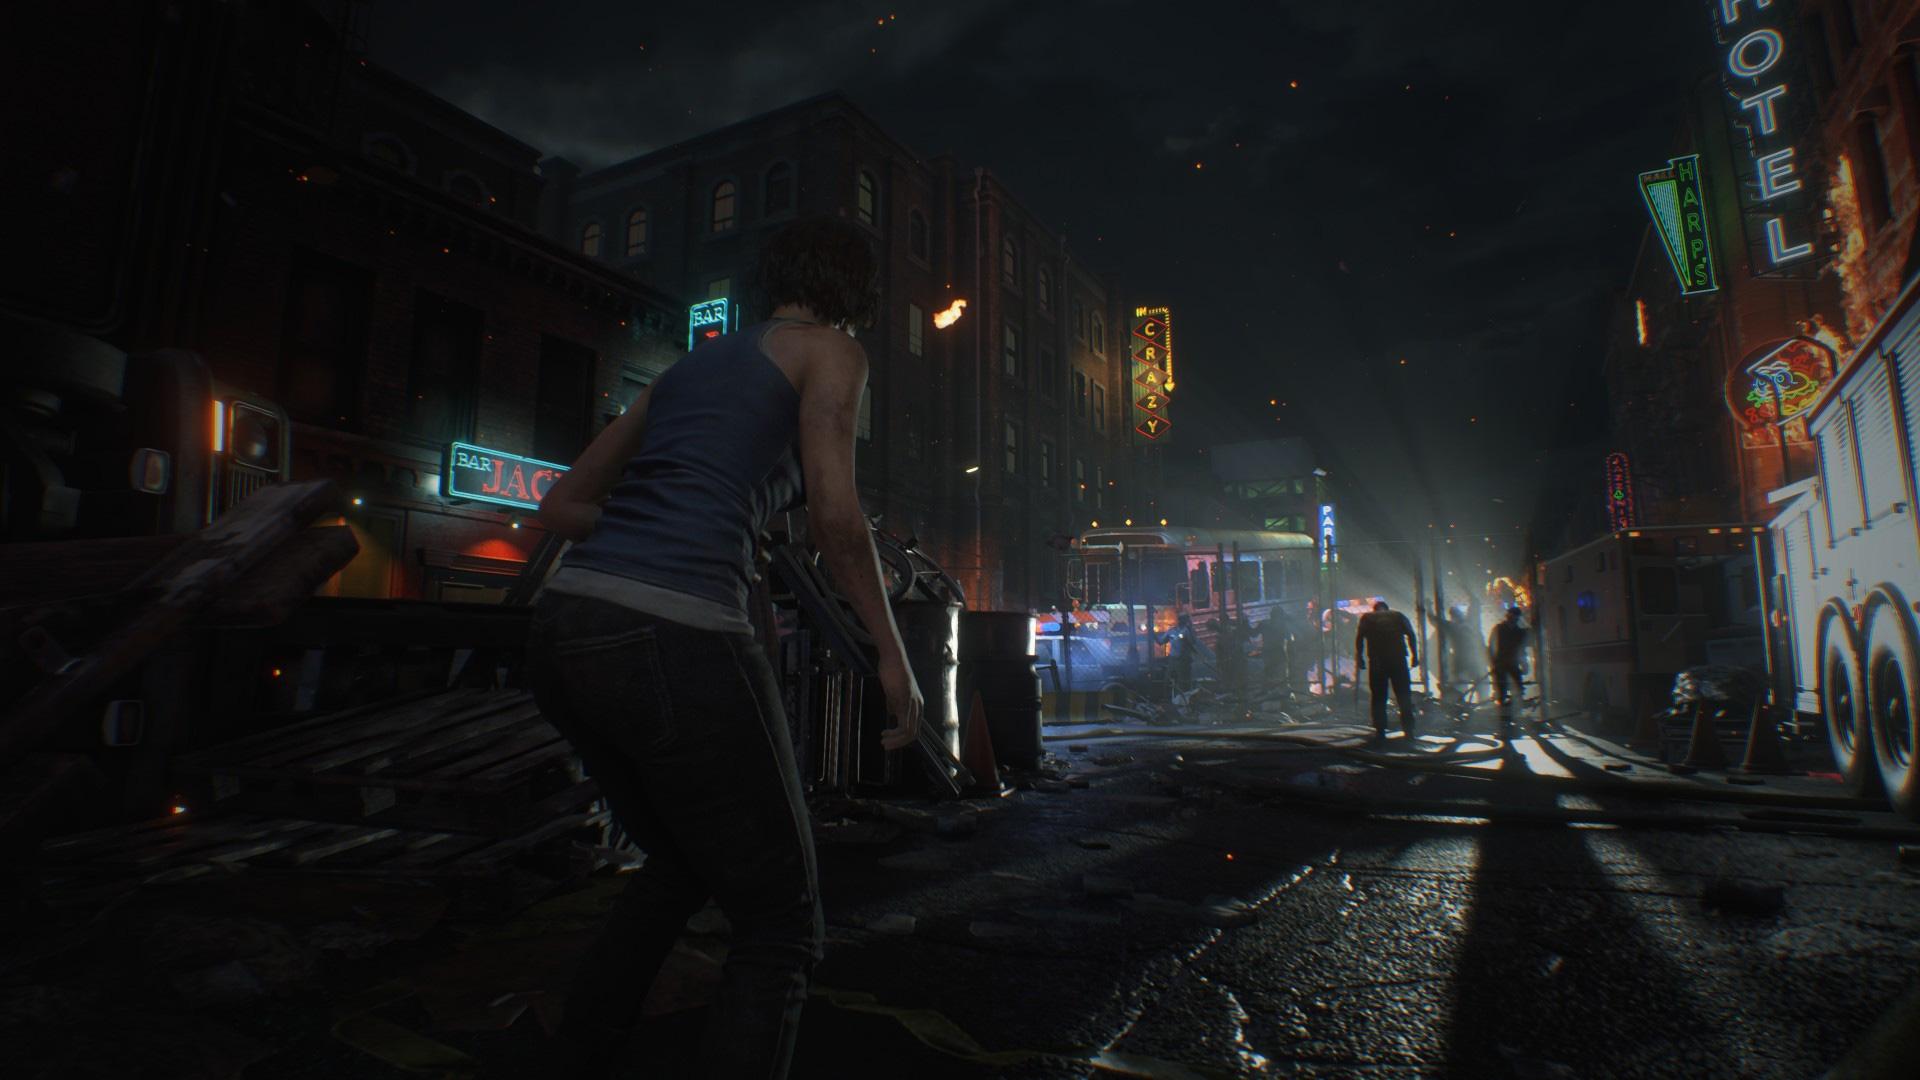 Rumor: Resident Evil 4 remake in development at M-Two